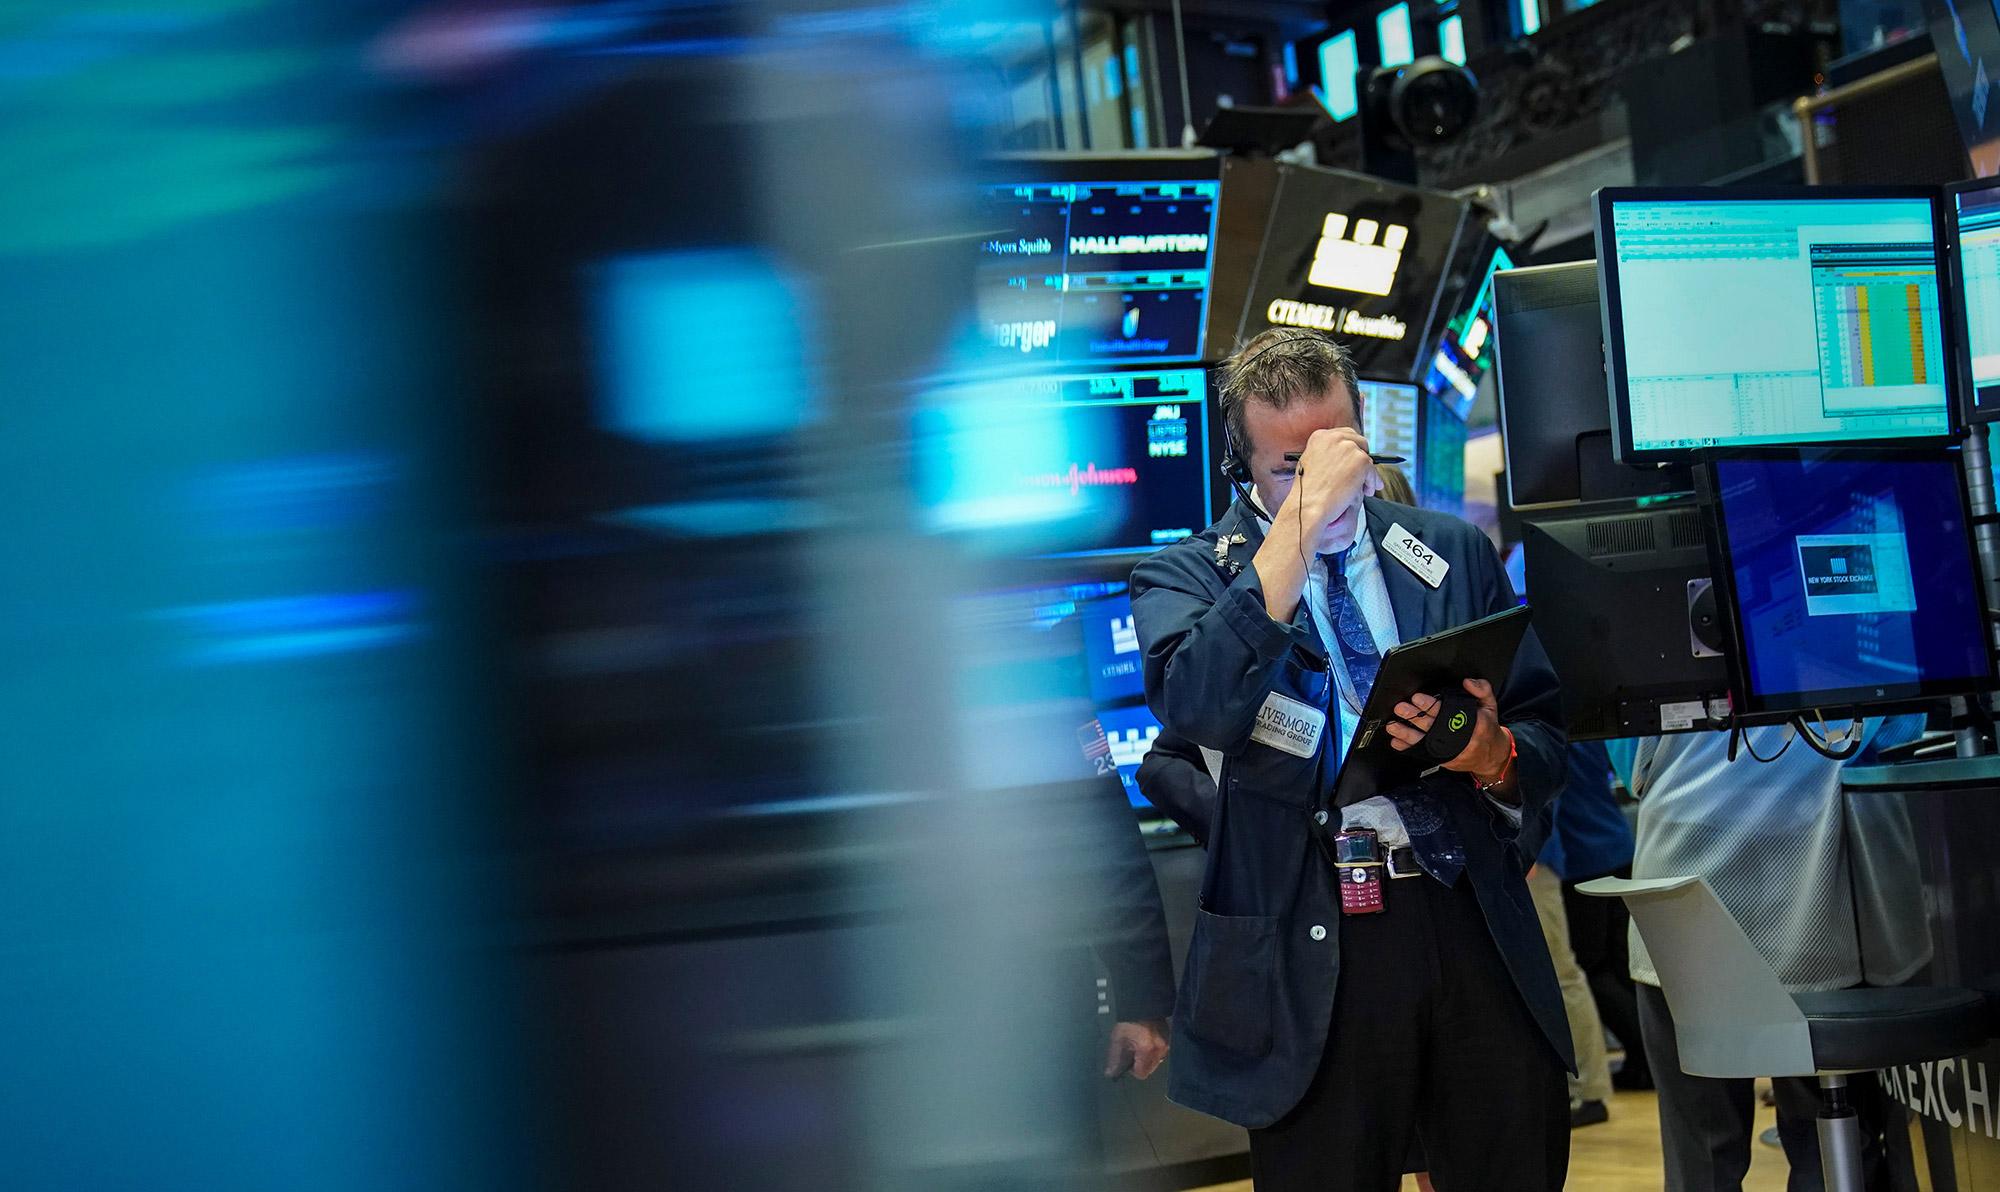 【米国株・国債・商品】株が反落、国債まちまち-貿易巡る警戒感強い - Bloomberg